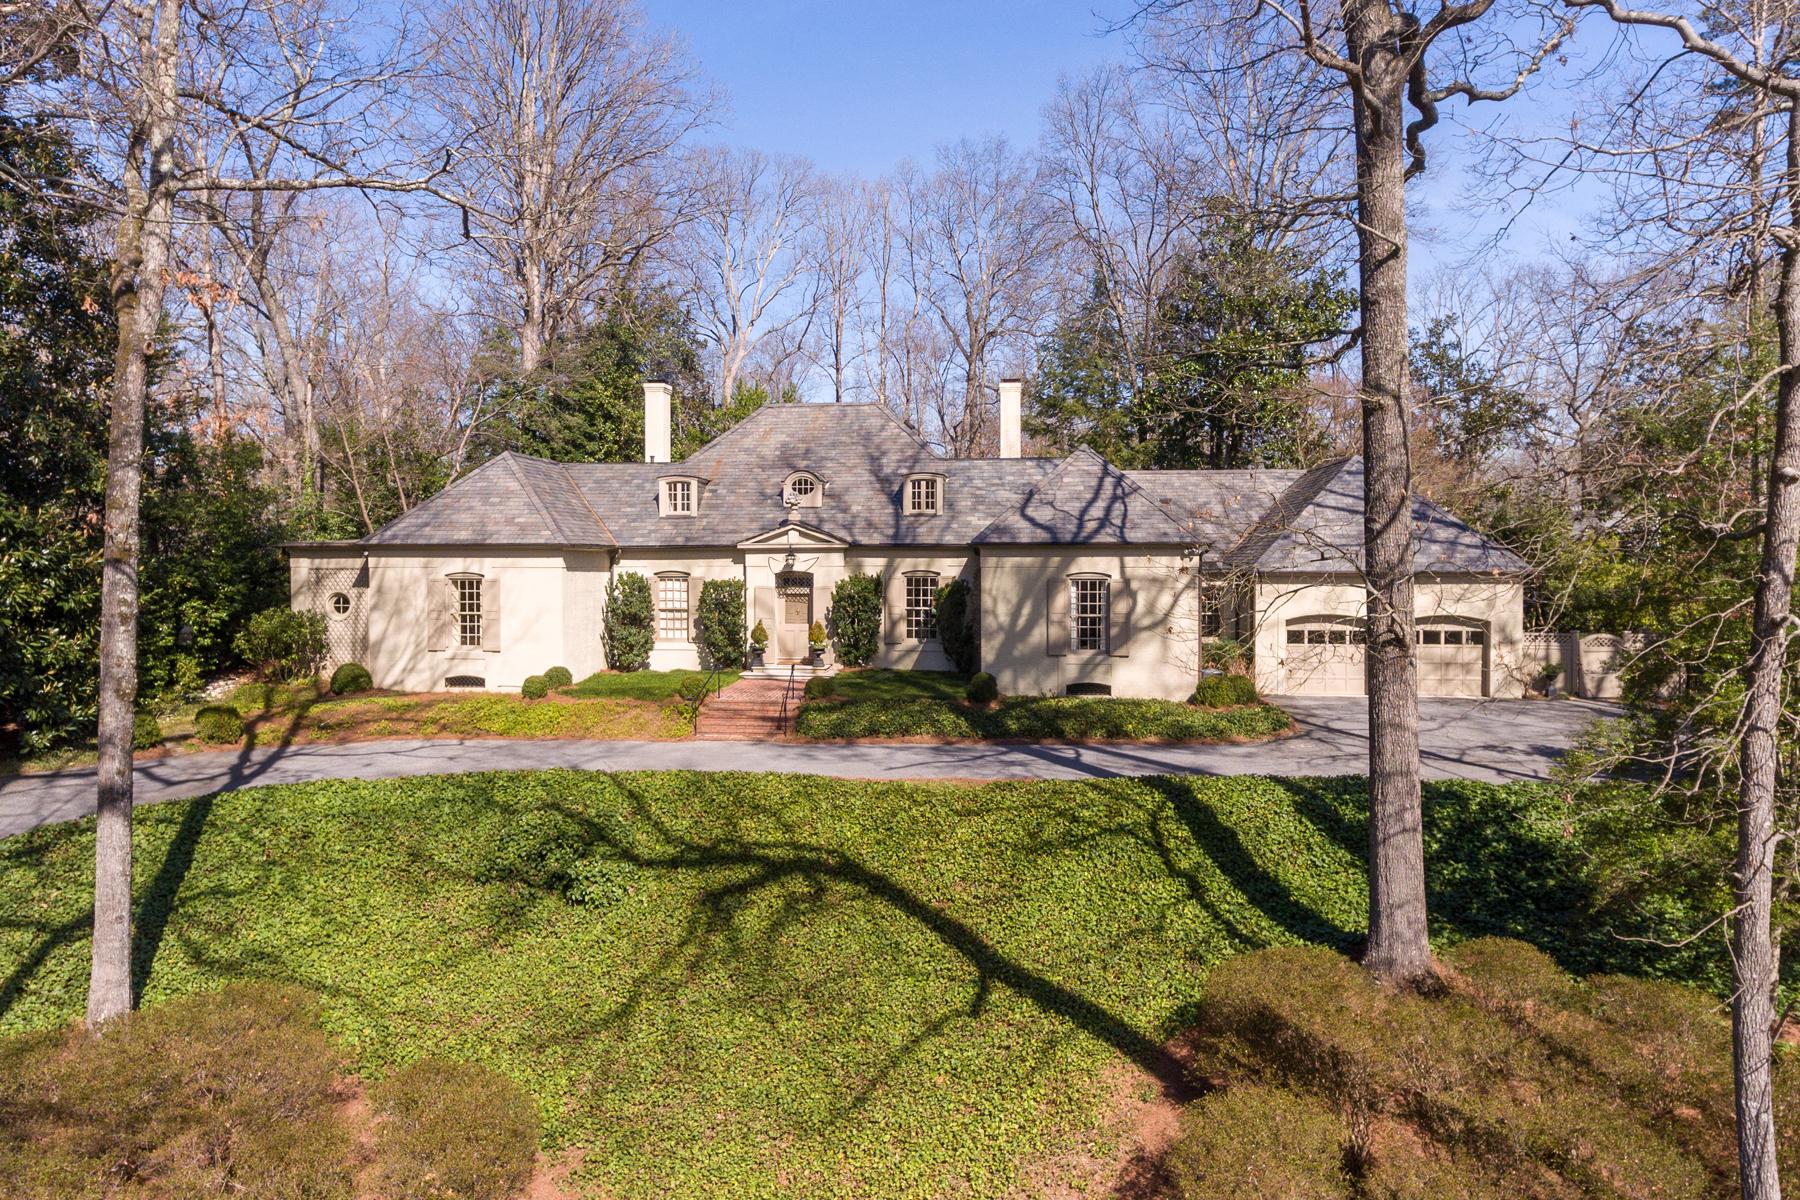 Maison unifamiliale pour l Vente à Handsome Home In Kingswood 3517 Dumbarton Road NW Kingswood, Atlanta, Georgia, 30327 États-Unis